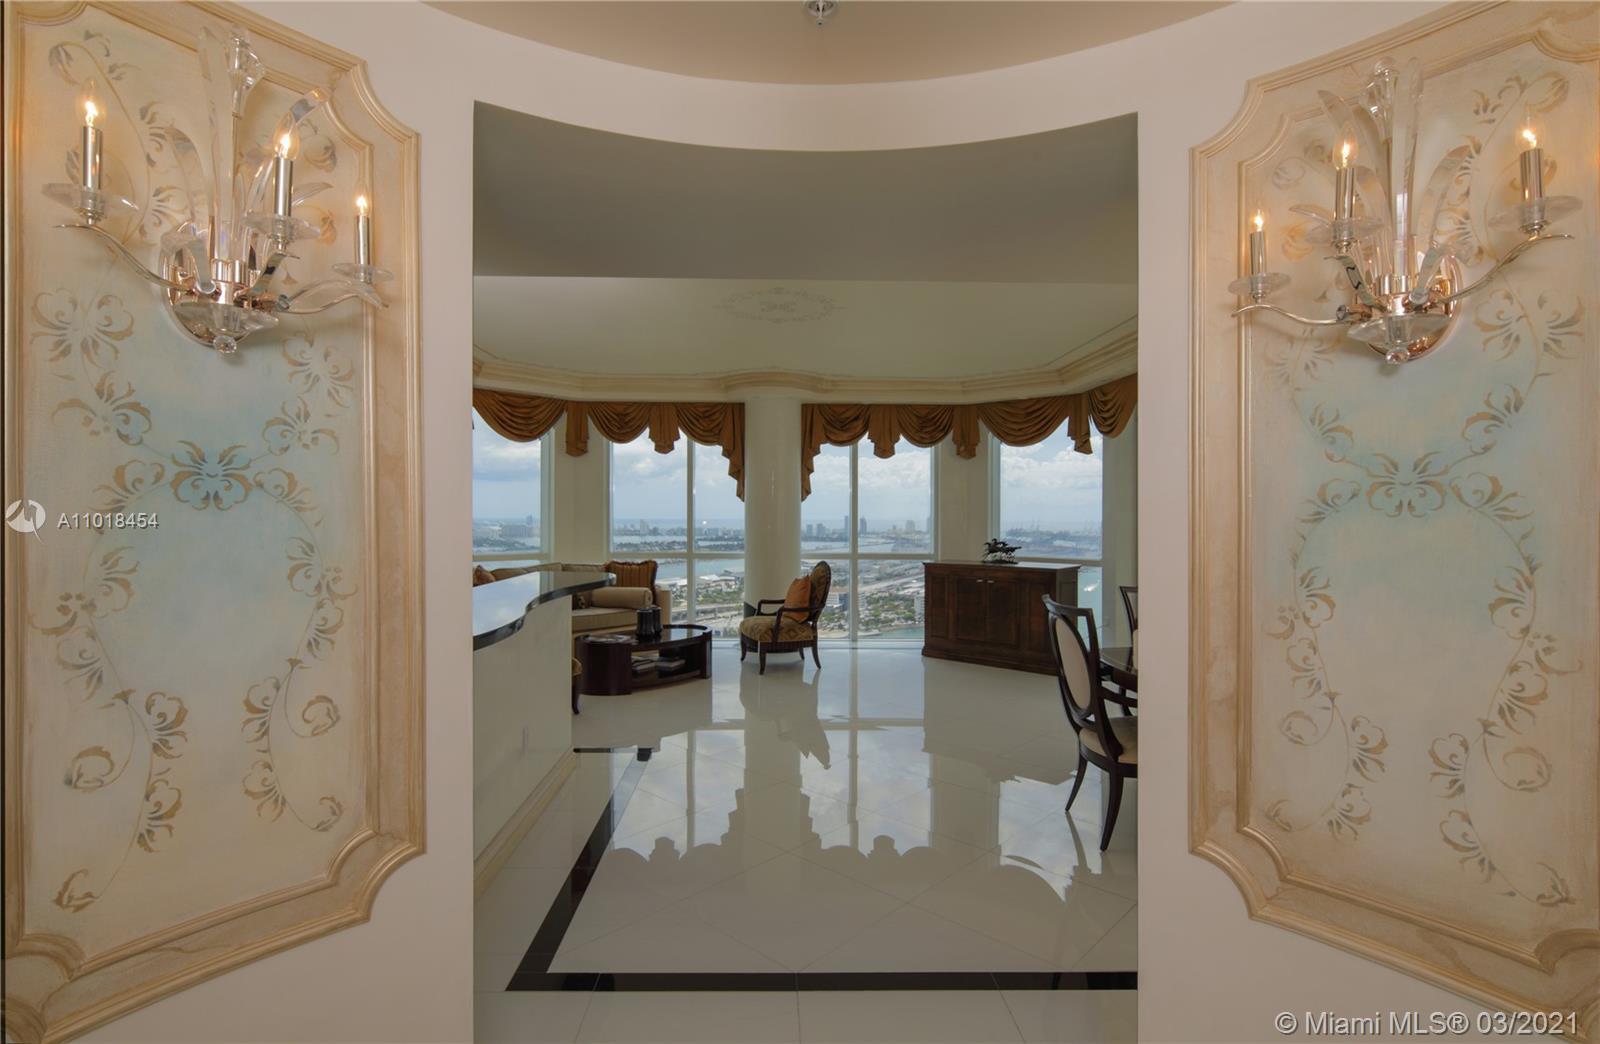 Unobstructed 180 water views, spectacular bay + ocean views, 2 balconies, ceiling to floor glass, de